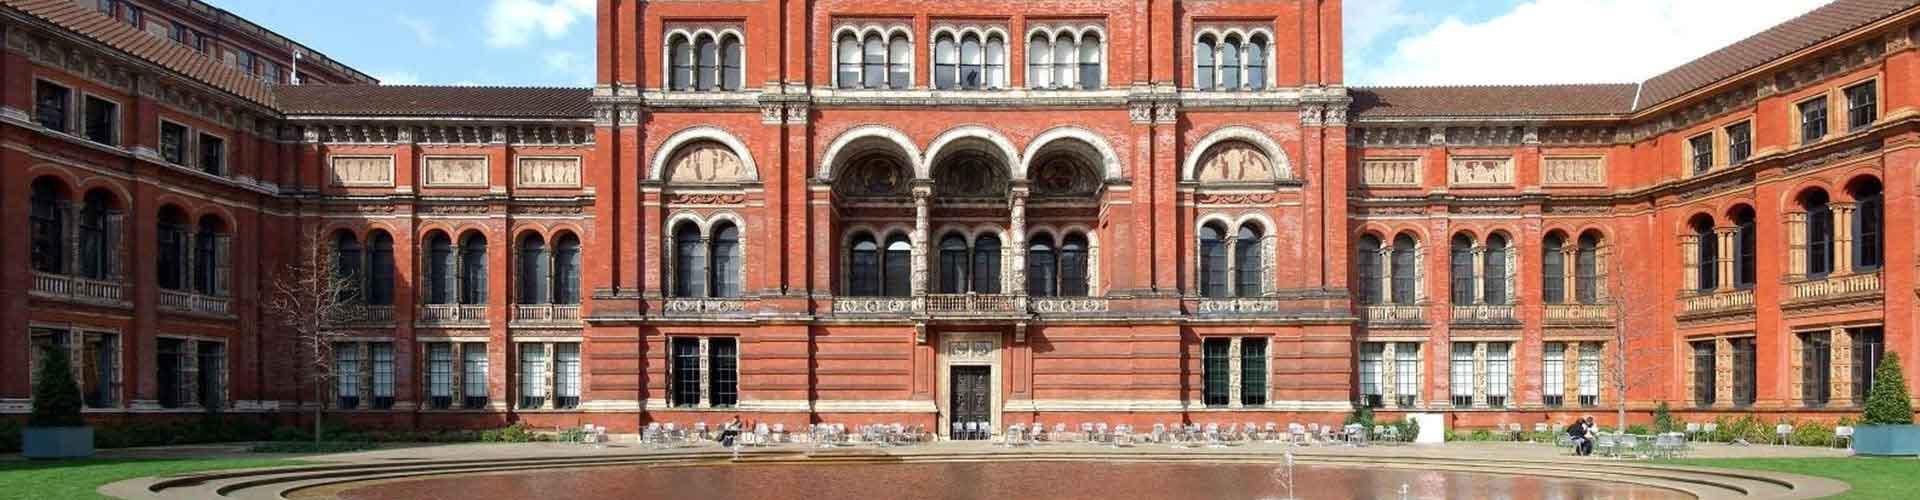 伦敦 – 维多利亚和艾伯特博物馆 附近的青年旅舍。伦敦地图,伦敦 所有青年旅馆的照片和评分。